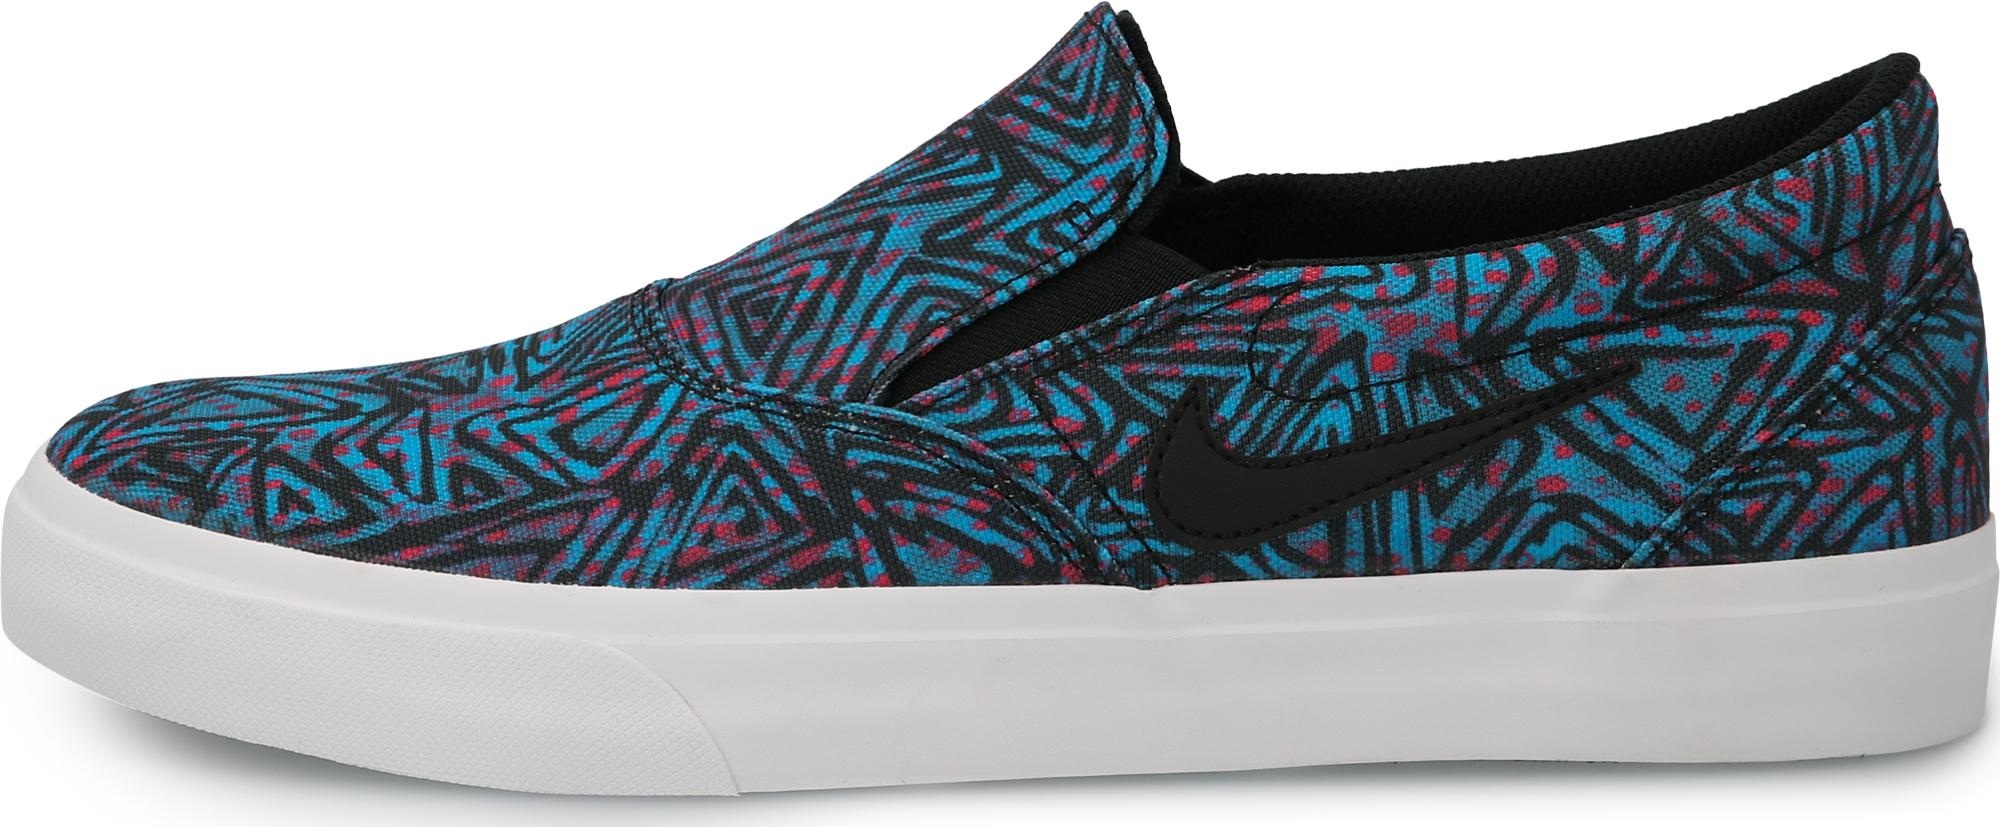 цена на Nike Кеды мужские Nike Sb Charge Slip Premium, размер 44